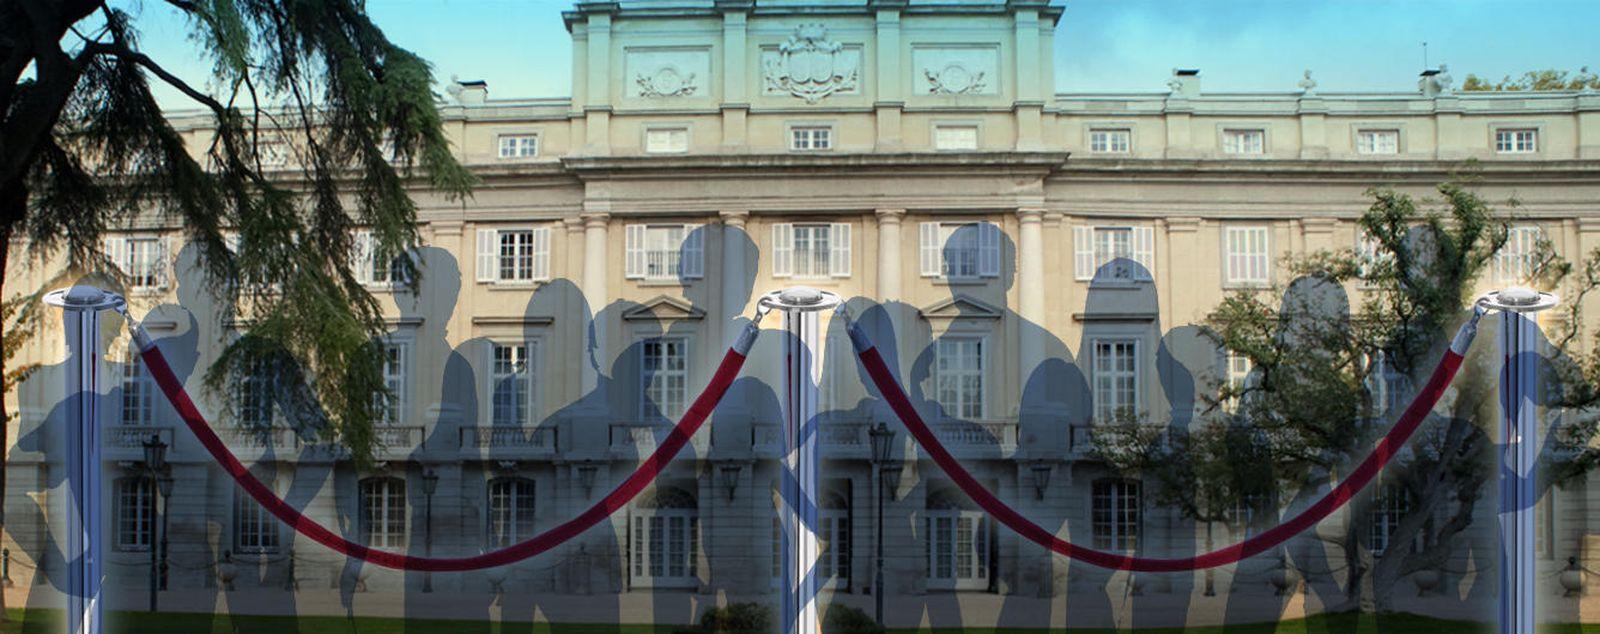 Foto: Fachada del Palacio de Liria (Montaje de Vanitatis)